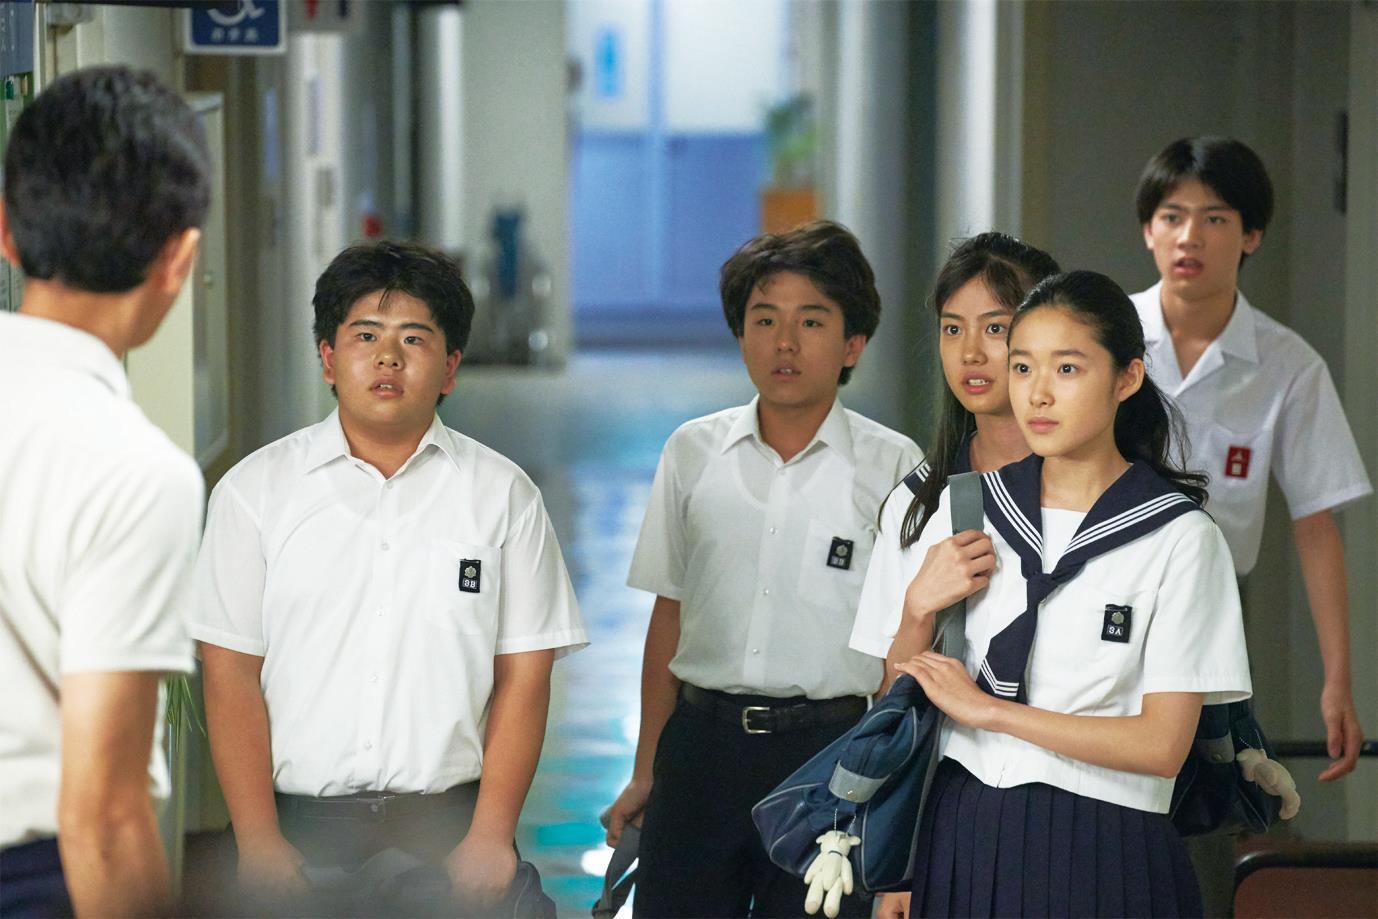 ソロモンの偽証 出演者 藤野涼子